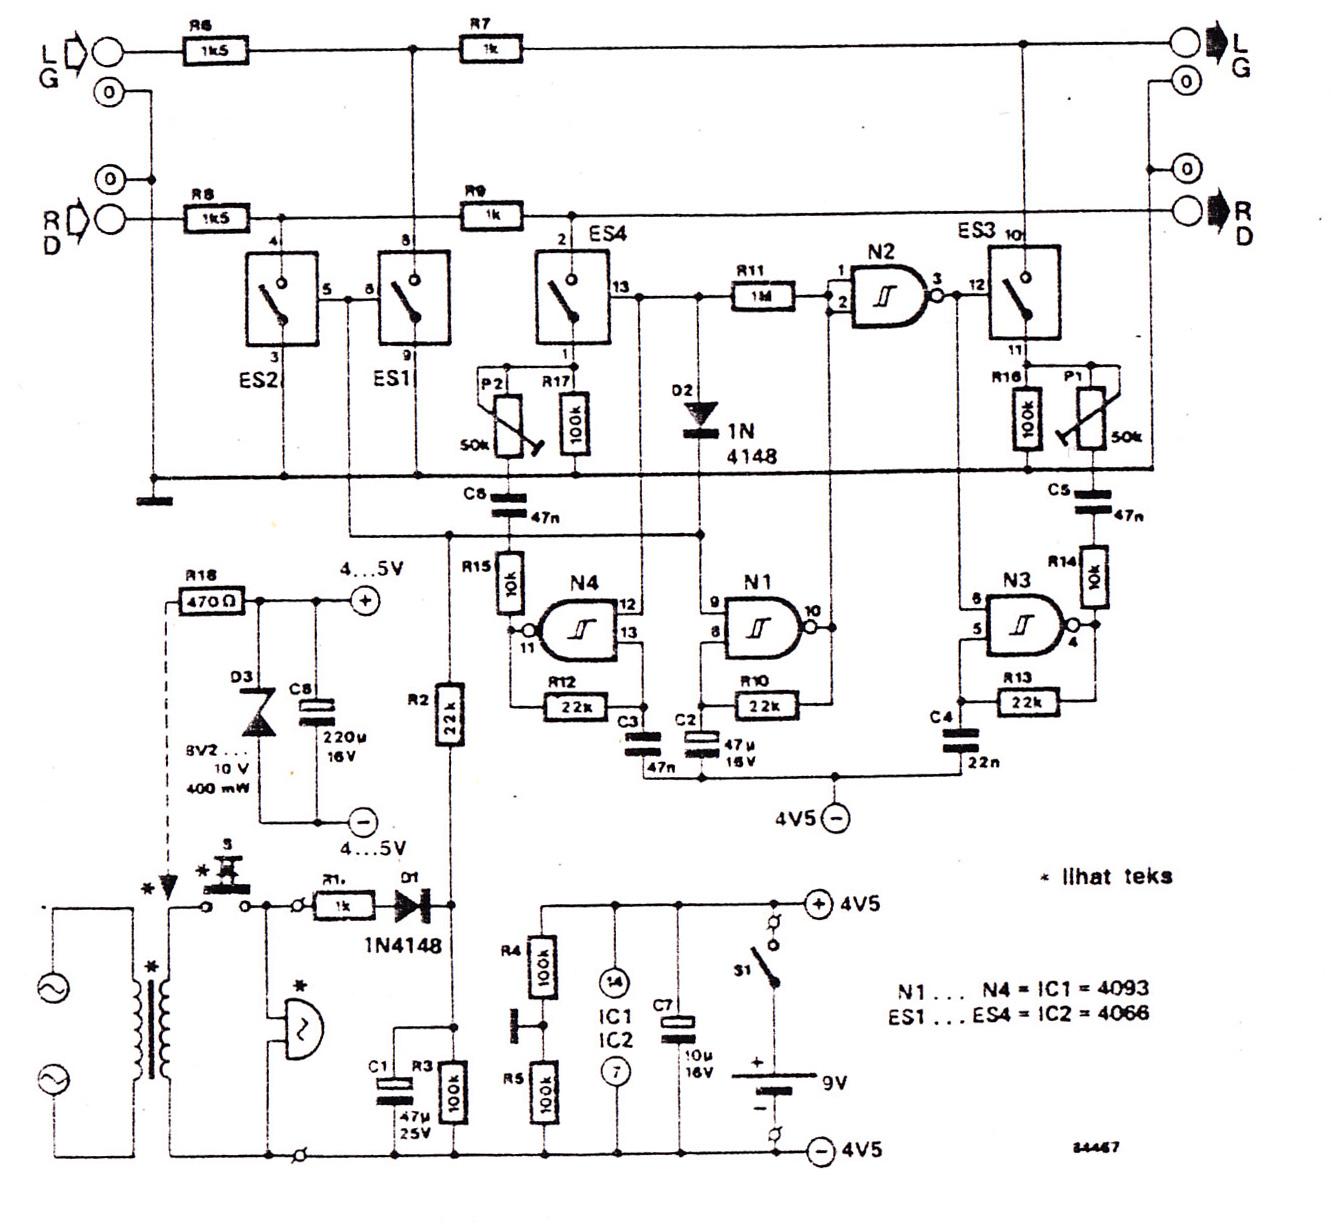 alternating flashing leds circuit using tlc555 2n2222